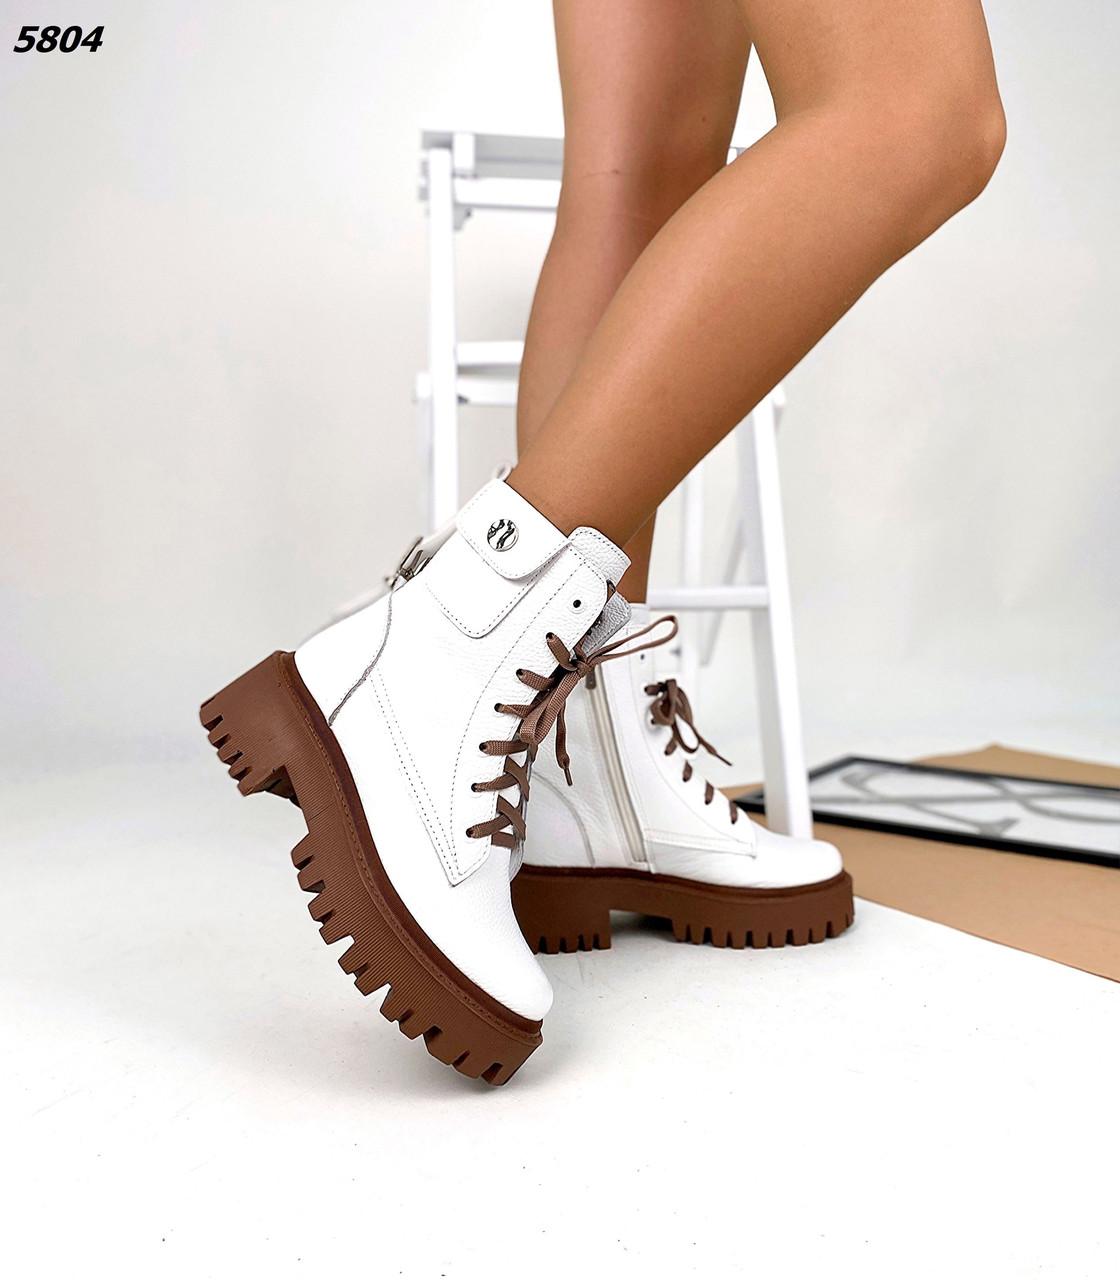 Жіночі демісезонні шкіряні черевики з кишенькою